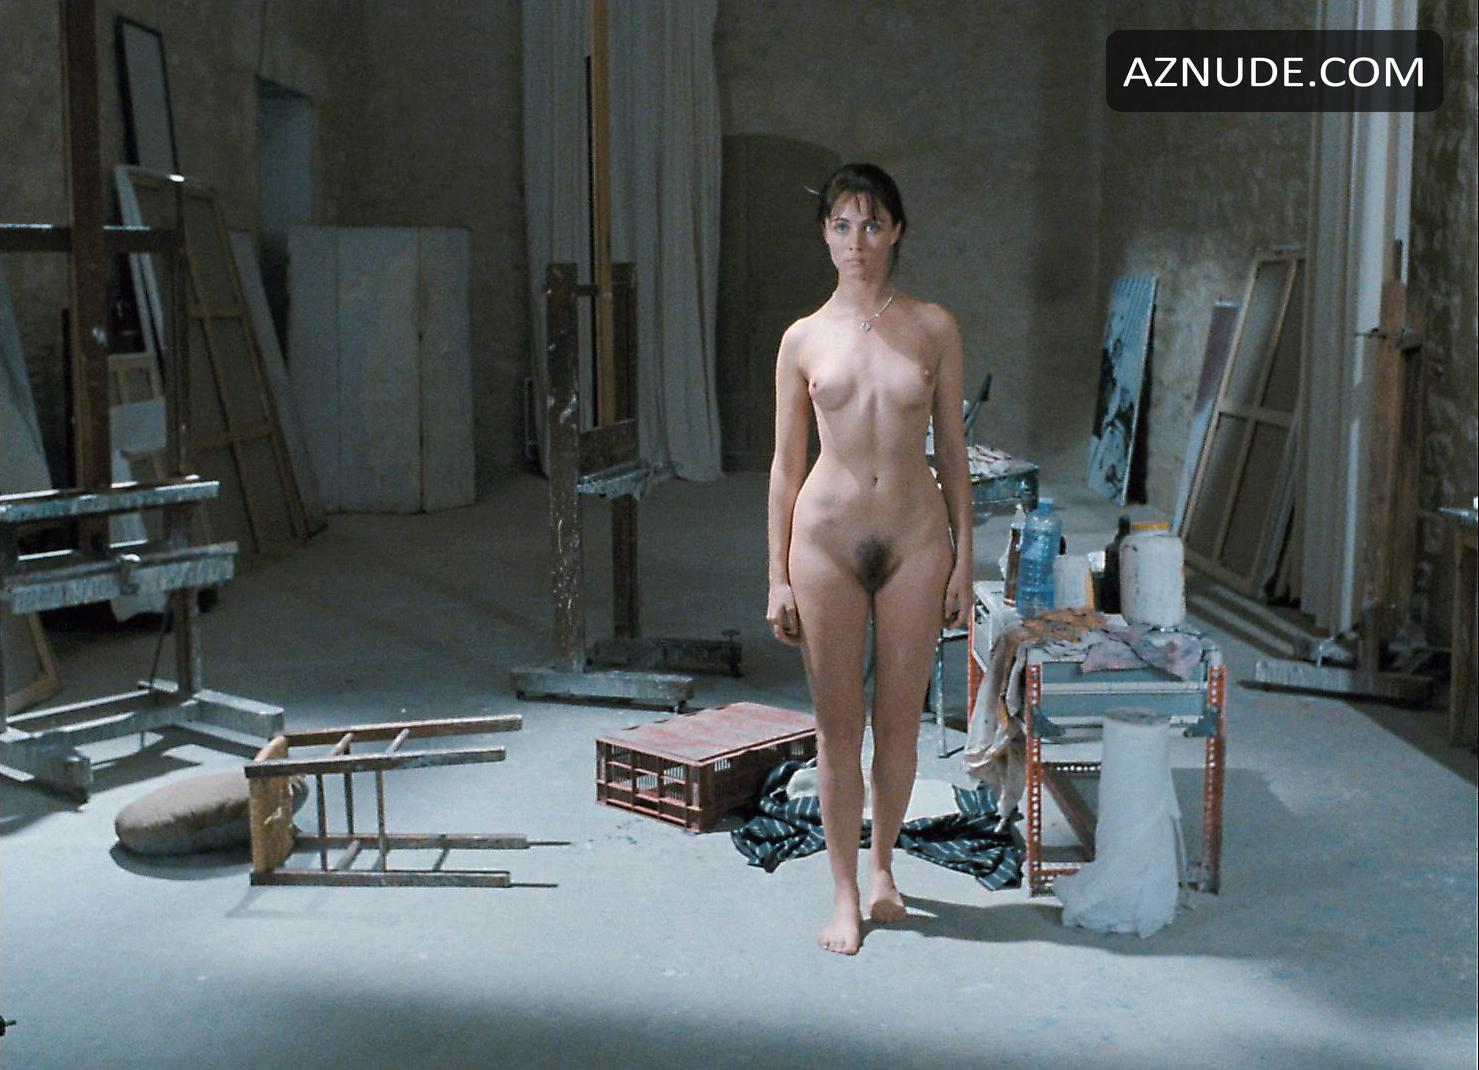 Chubby latinas nude